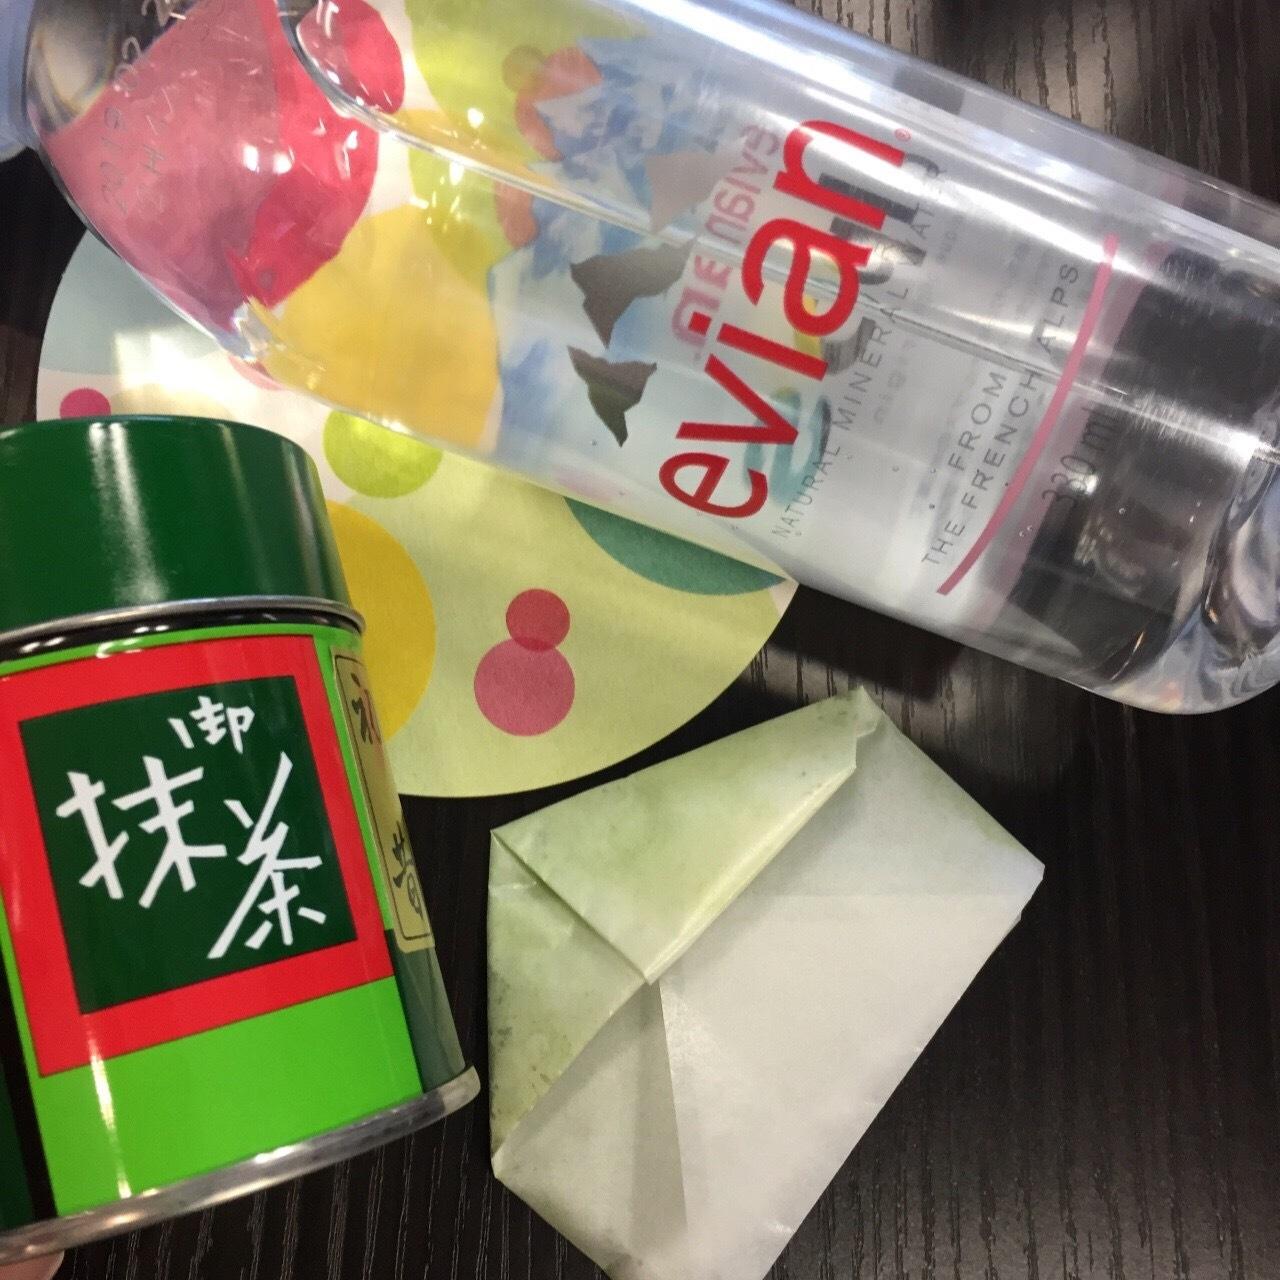 日本茶ライフ!手軽にシャカシャカ、デイリーにお抹茶を♡_1_2-1